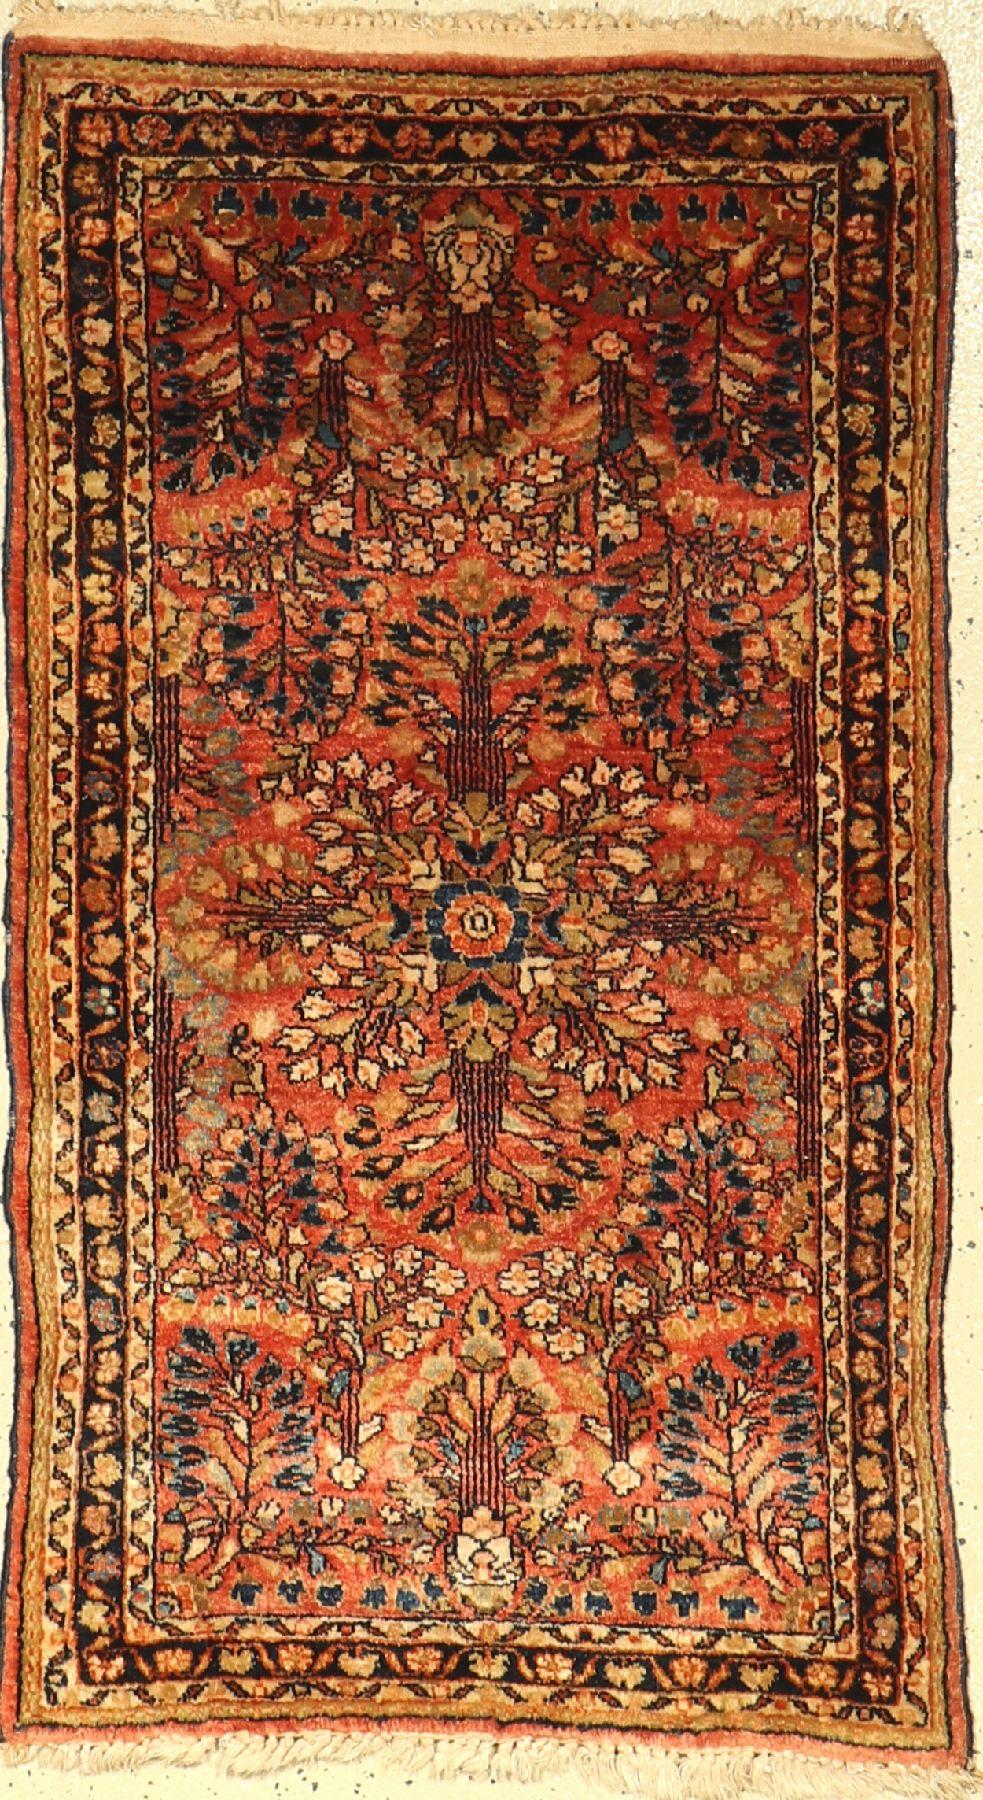 Sarogh alt, Persien, um 1940, Wolle auf Baumwolle, ca. 112 x 64 cm, EHZ: 2-3